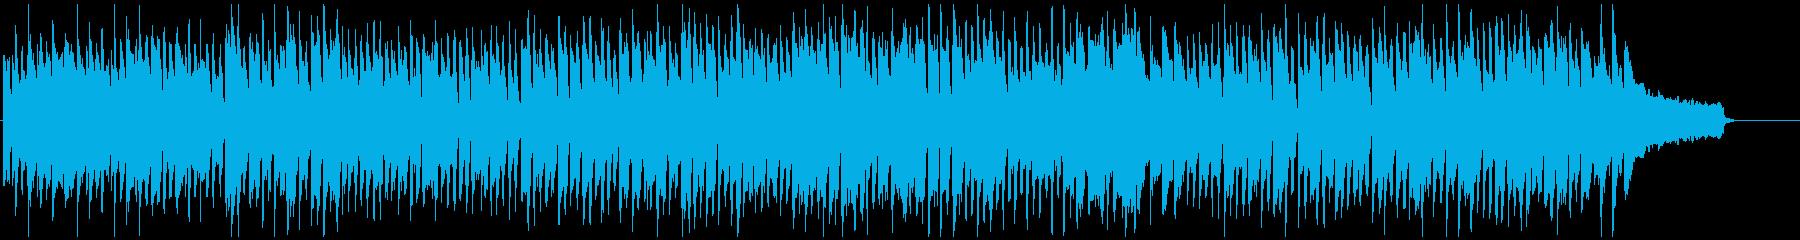 晴れた日、お出かけ、ポップなリコーダー曲の再生済みの波形